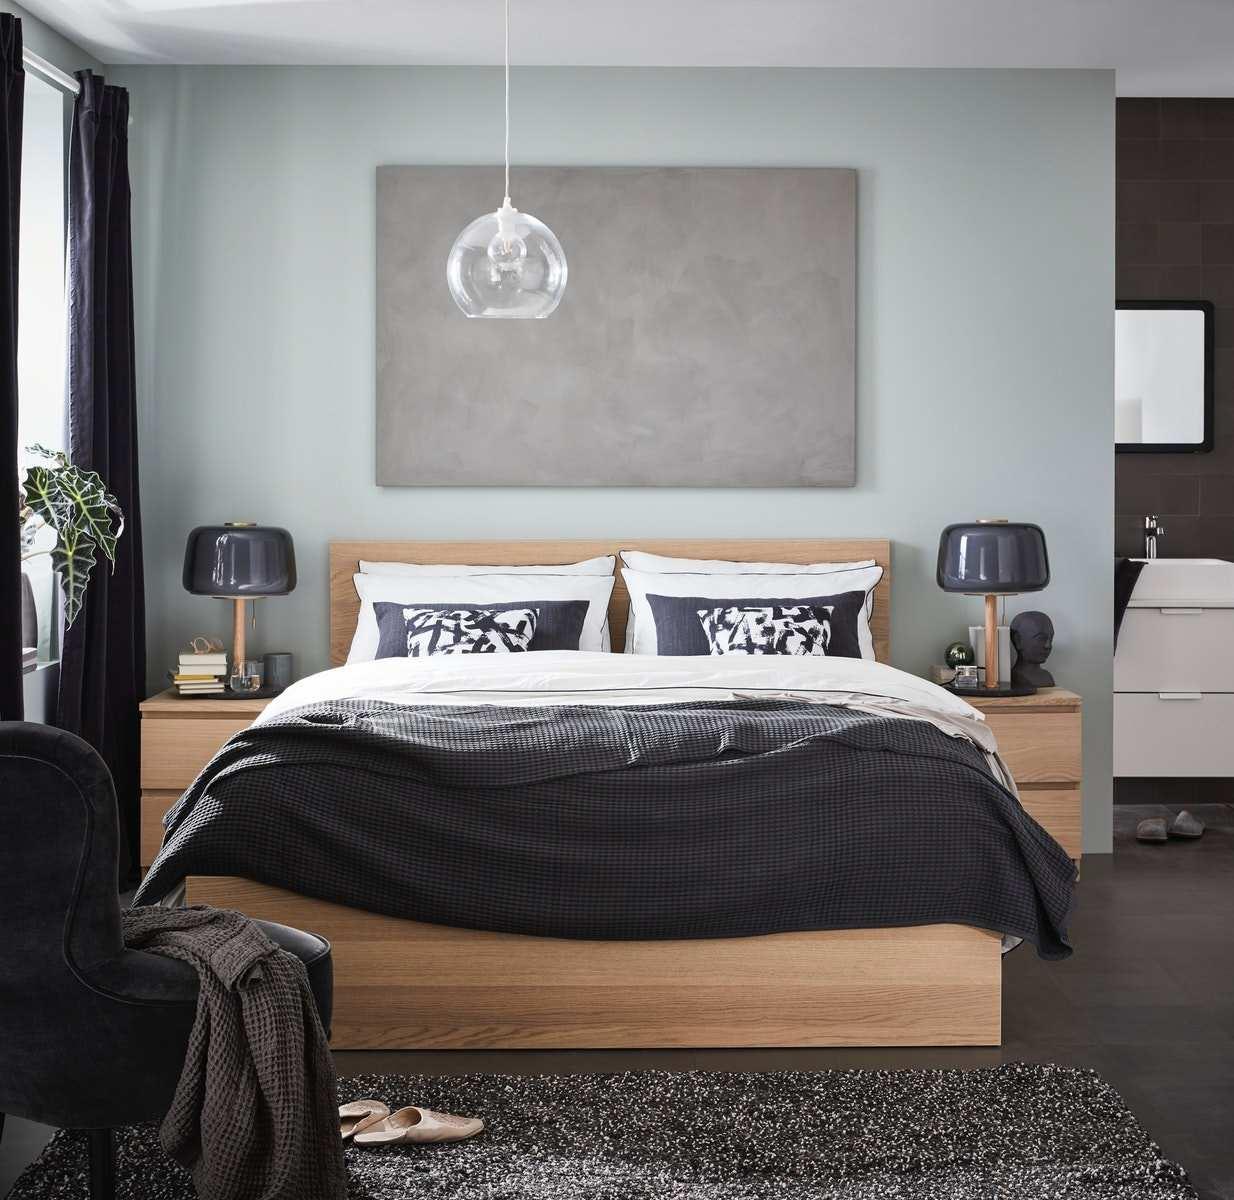 Full Size of Ikea Mbel Schlafzimmer Luxus Einrichten Inspiration Wandbilder Komplettangebote Massivholz Stuhl Für Teppich Betten Mit überbau Romantische Günstig Wohnzimmer Schlafzimmer überbau